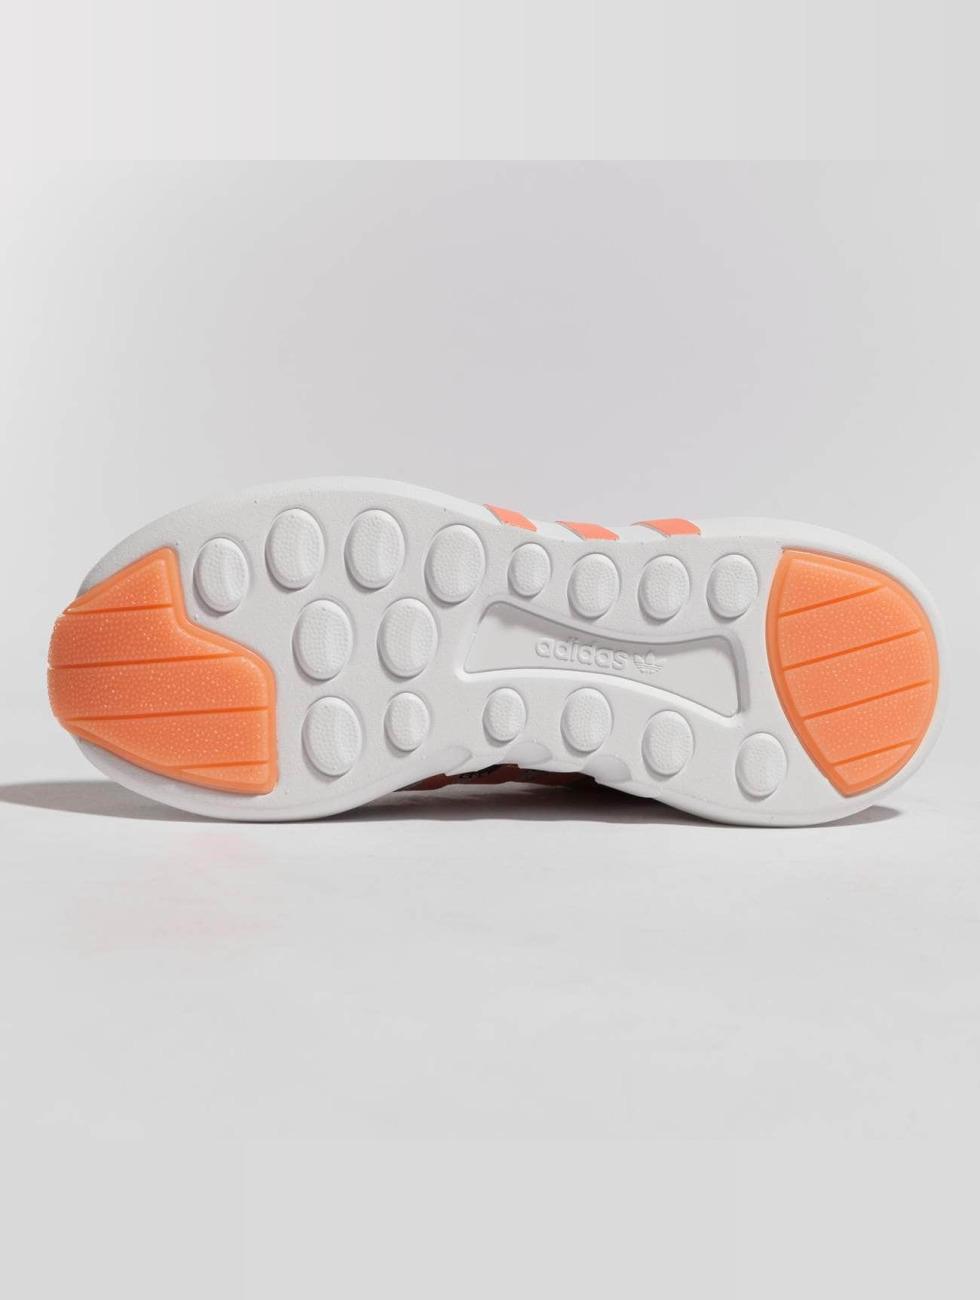 adidas originals schoen / sneaker Eqt Support Adv in grijs 436486 Goedkope Koop Te Koop Lage Verzendkosten Goedkope Prijs Online Winkelen Met Mastercard EYQSLm1